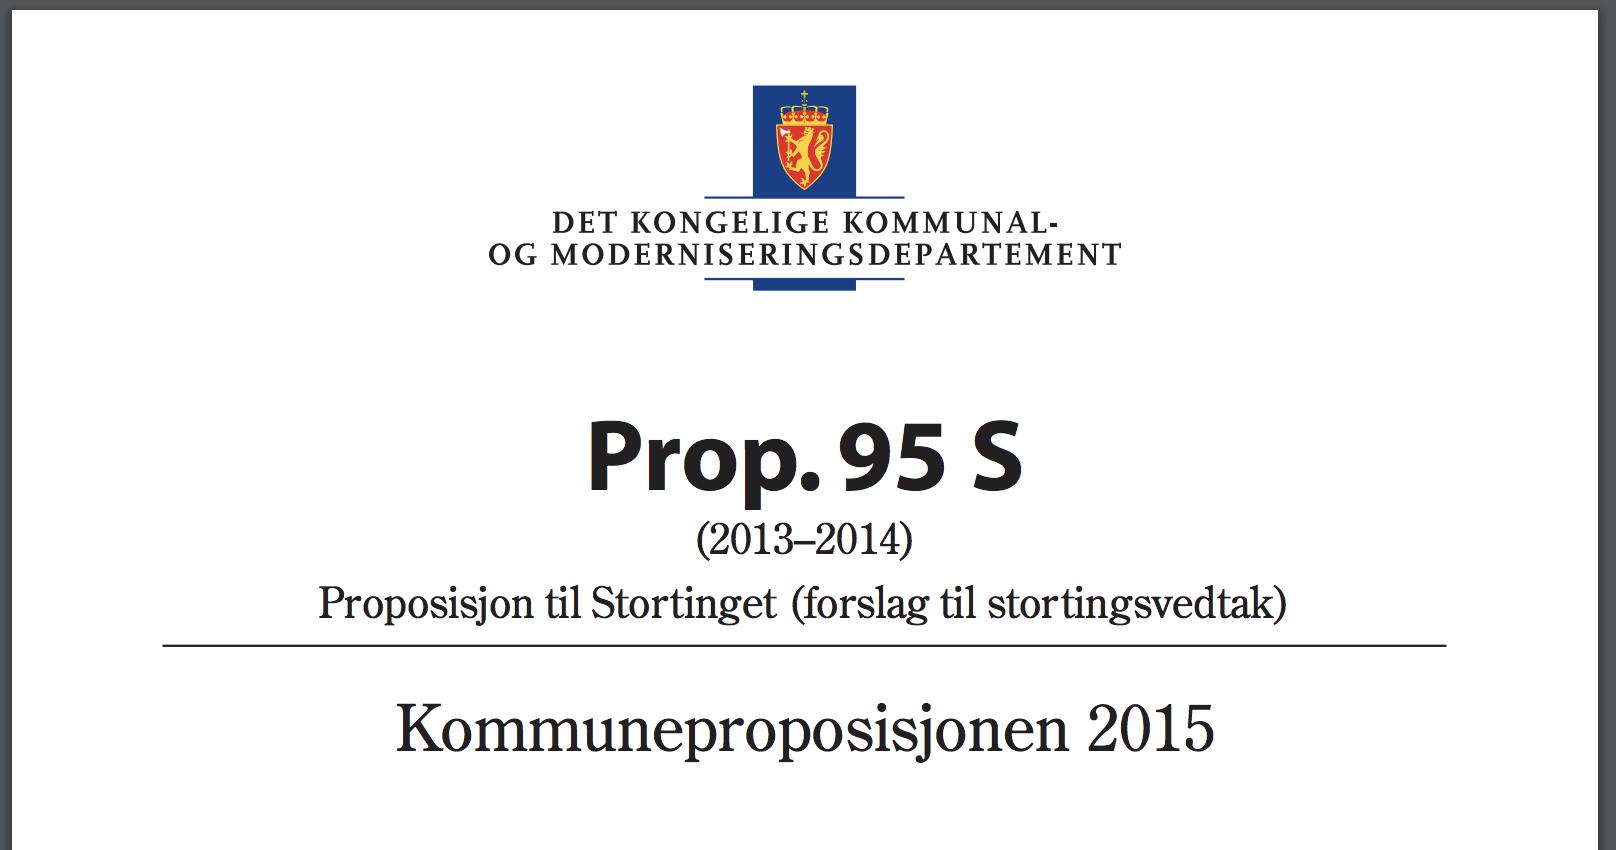 Skjermbilde 2018-06-25 kl. 16.40.44.png